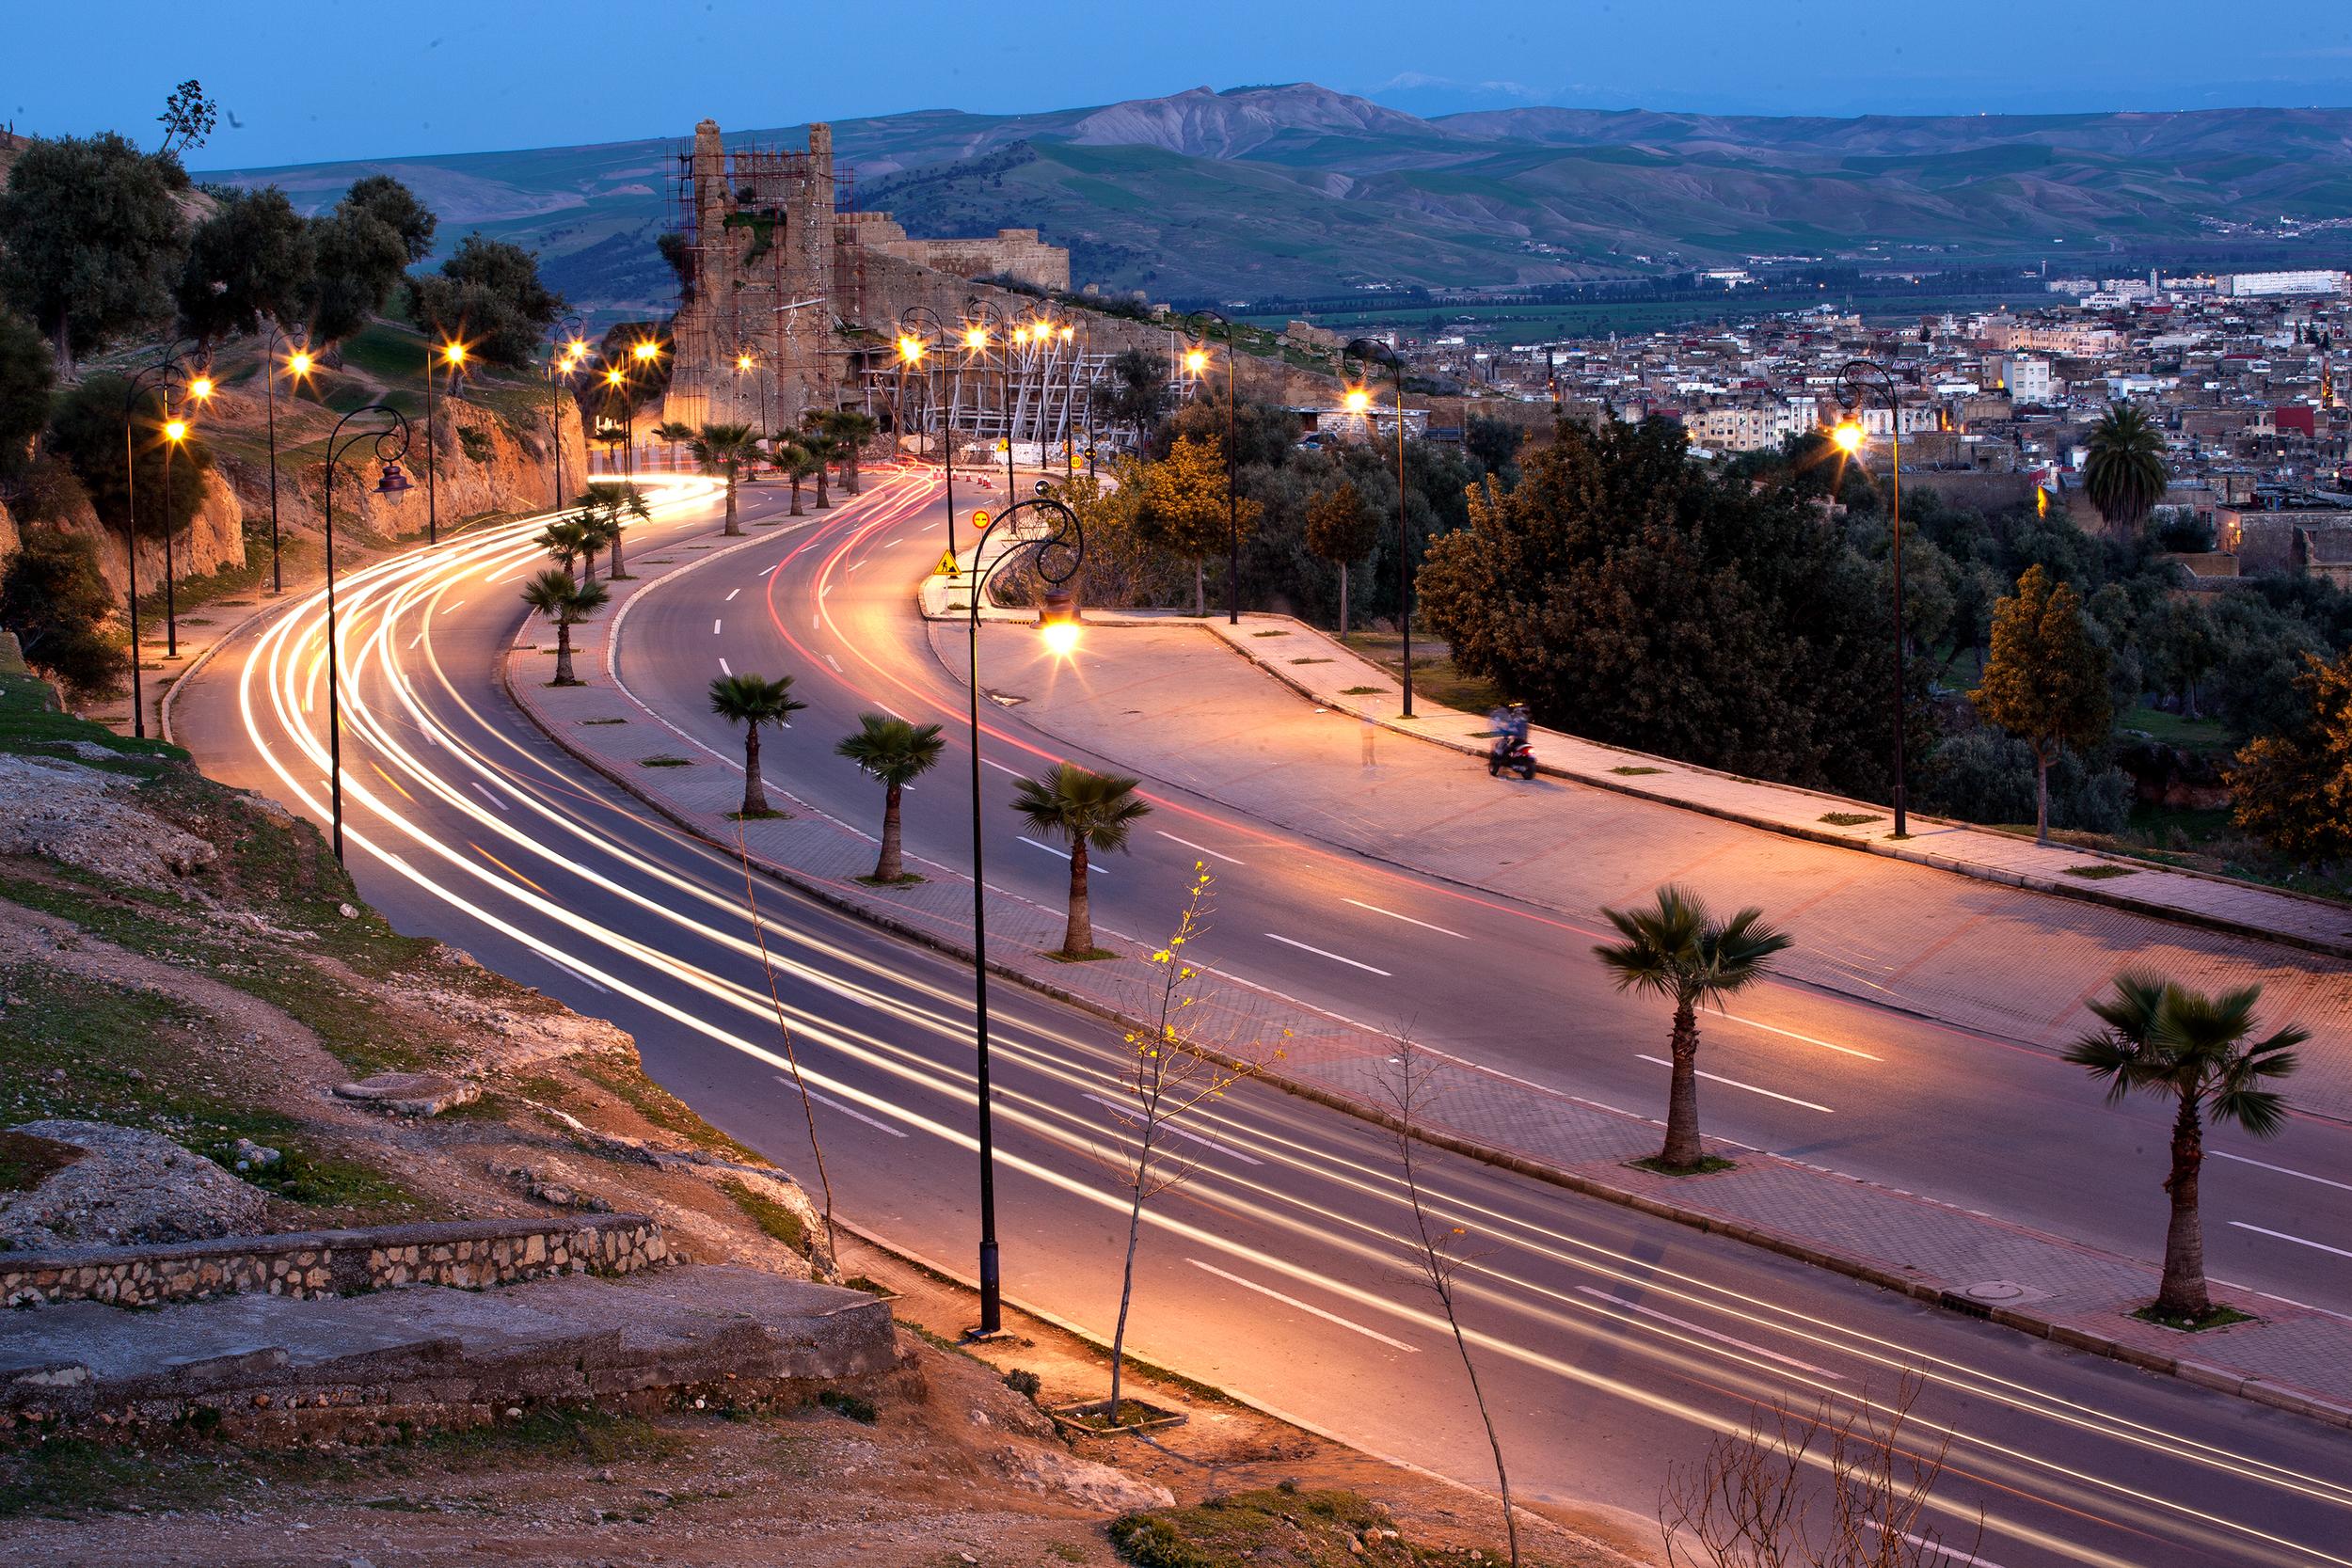 Fez_City_5.jpg